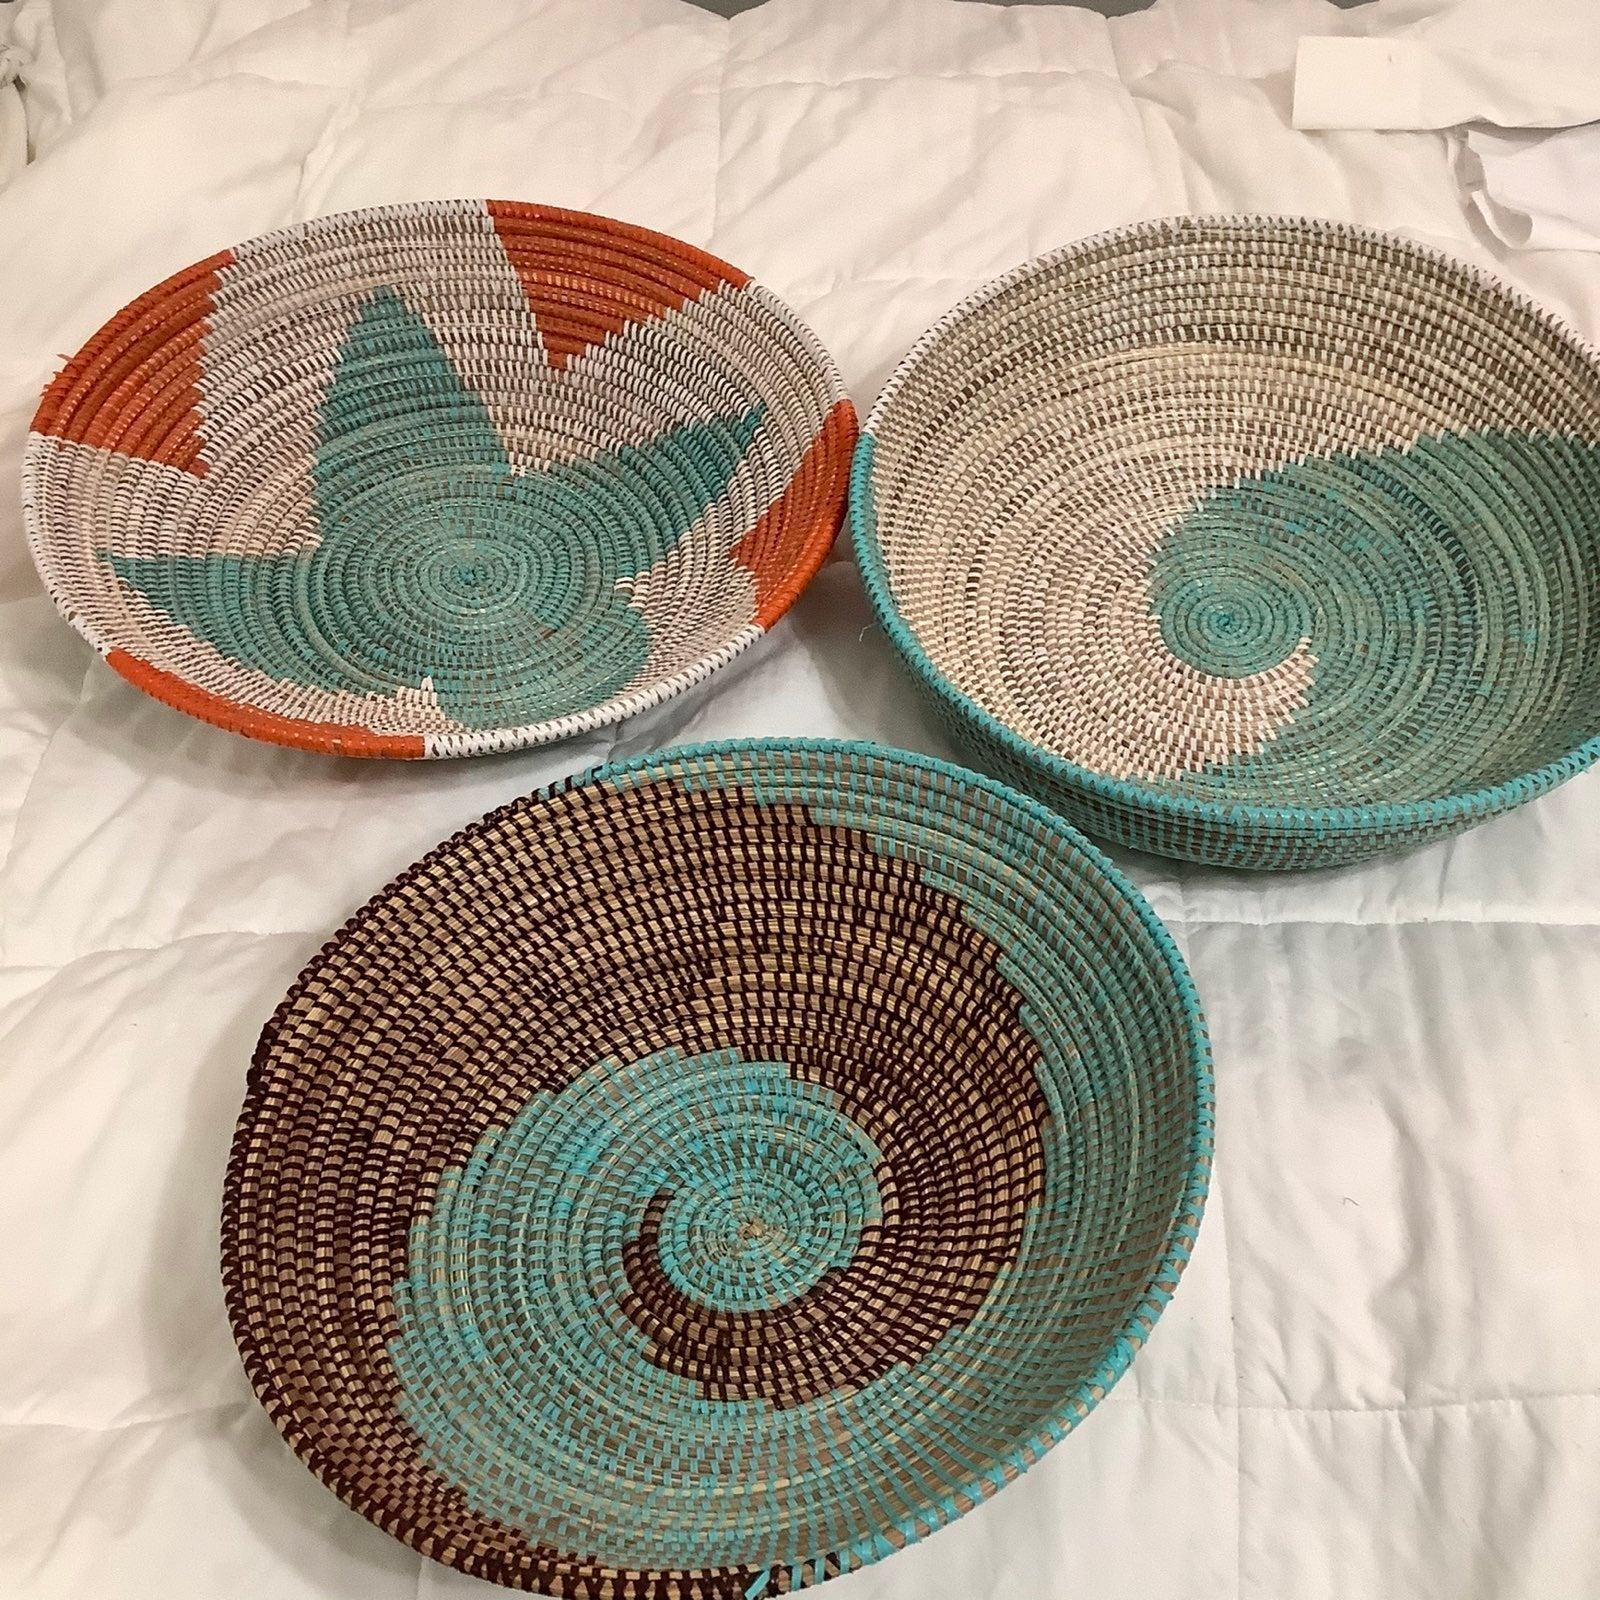 African Woven Baskets X 3